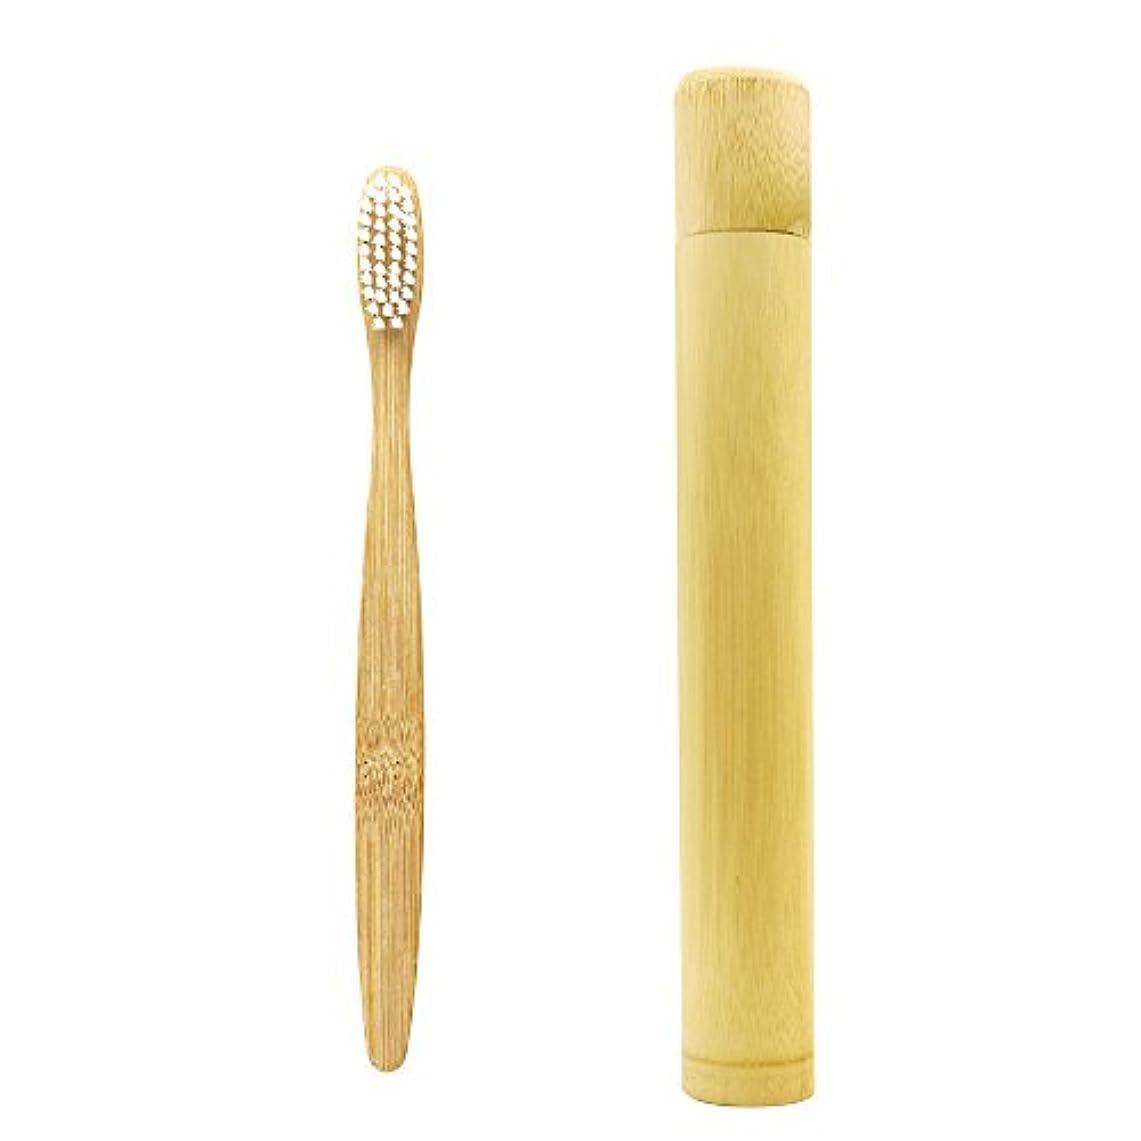 コンパイル思いつく調停するN-amboo 竹製耐久度高い 白い歯ブラシ 携帯用 ケース付き セット 軽量 携帯便利 出張旅行